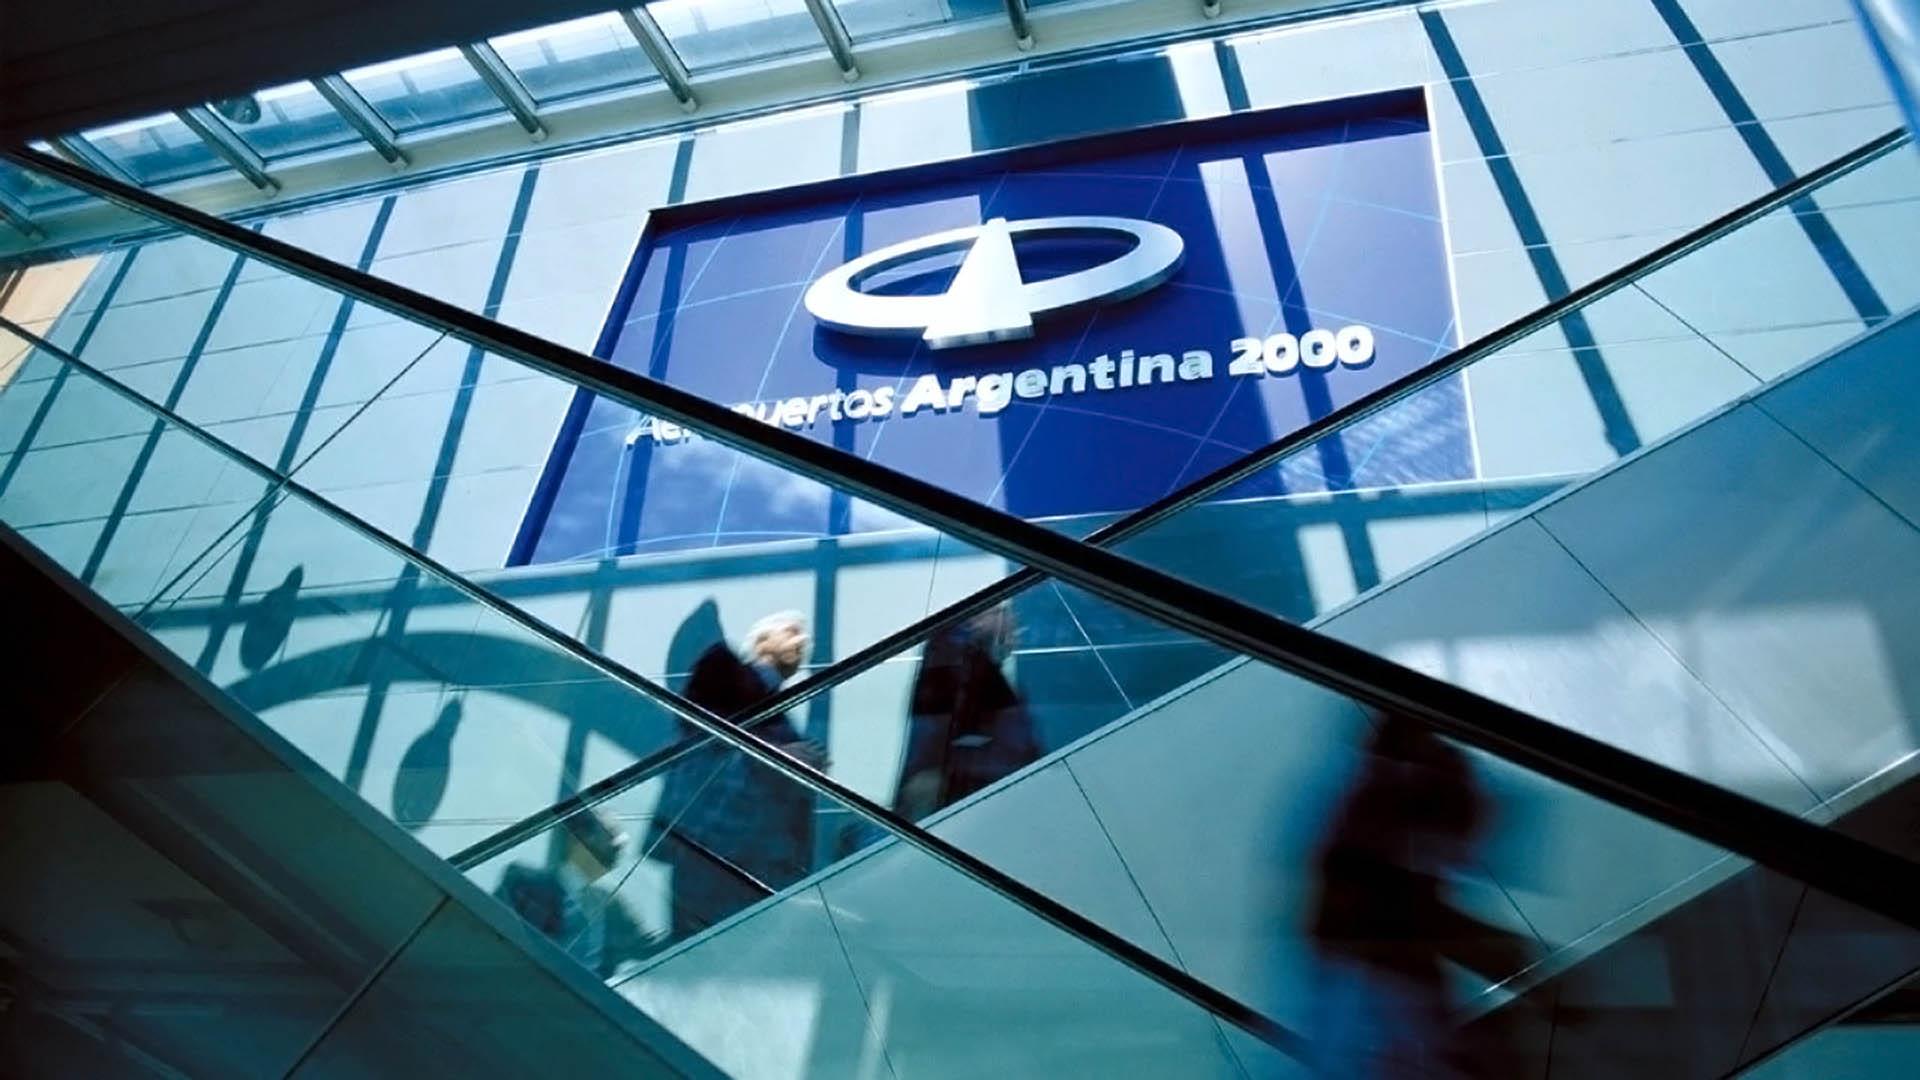 Aeropuertos Argentina 2000 será uno de los principales sponsors de ...